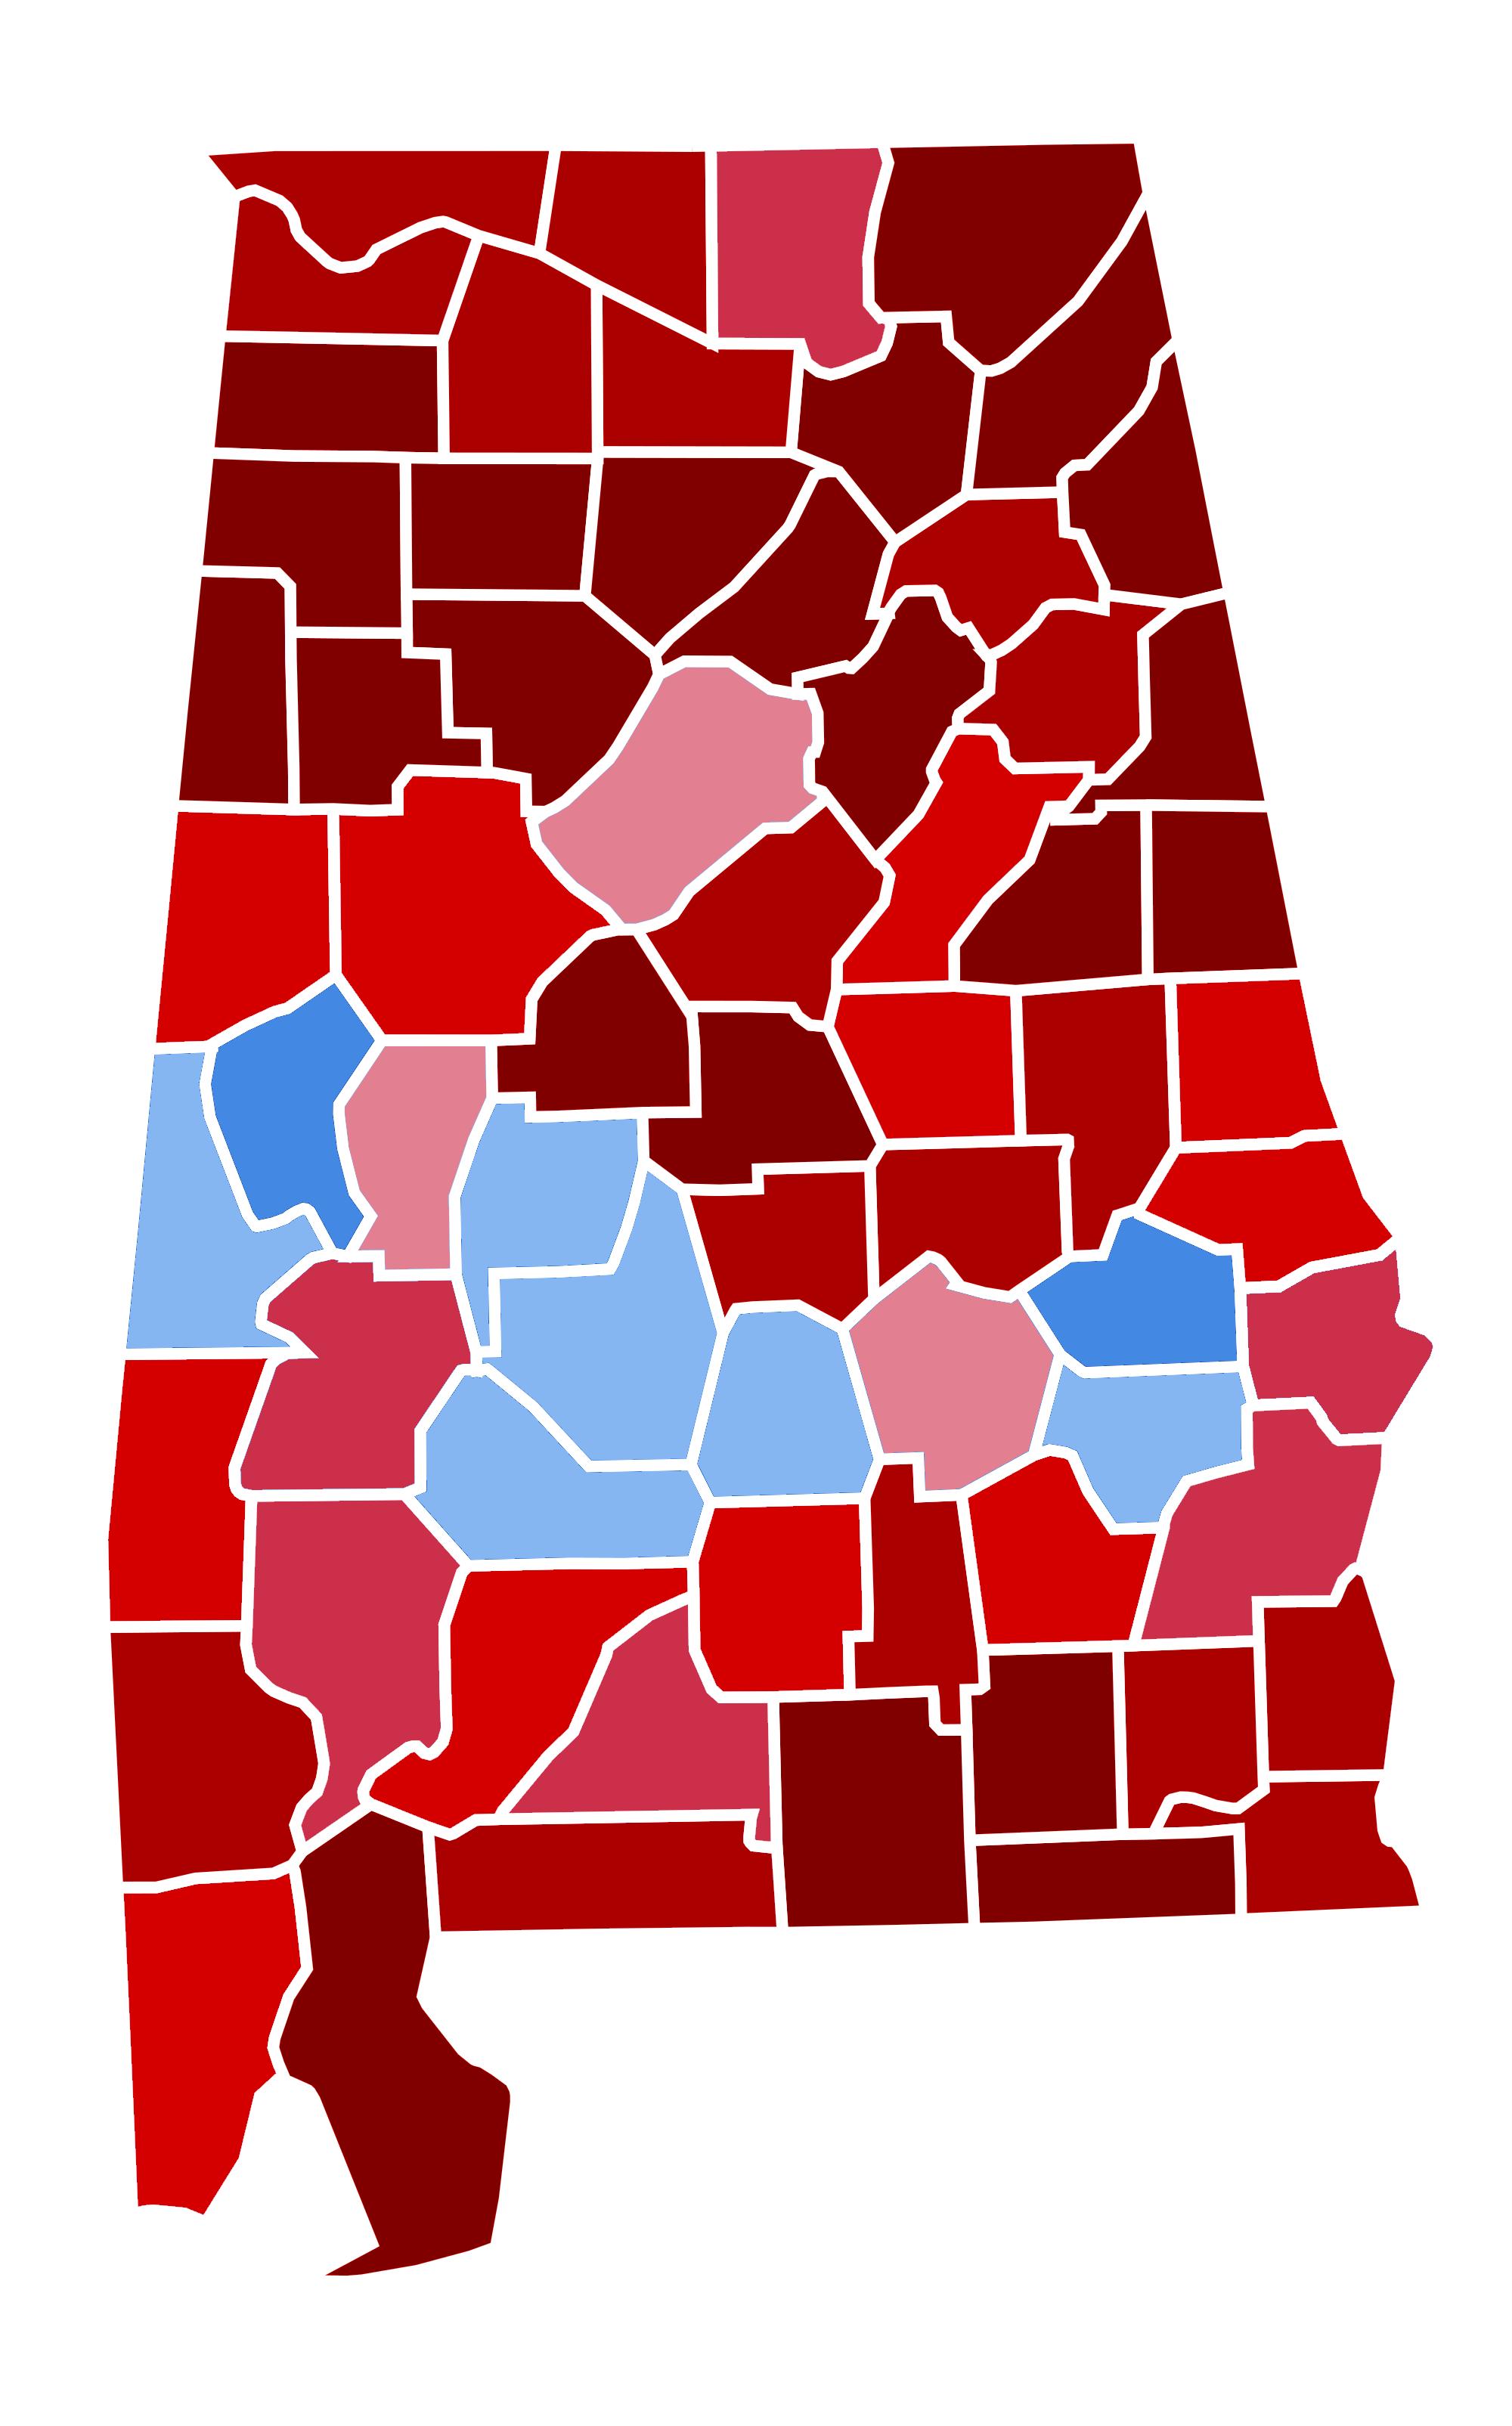 Alabama_Presidential_Election_Results_2016_Republican_Landslide_15.06%.png